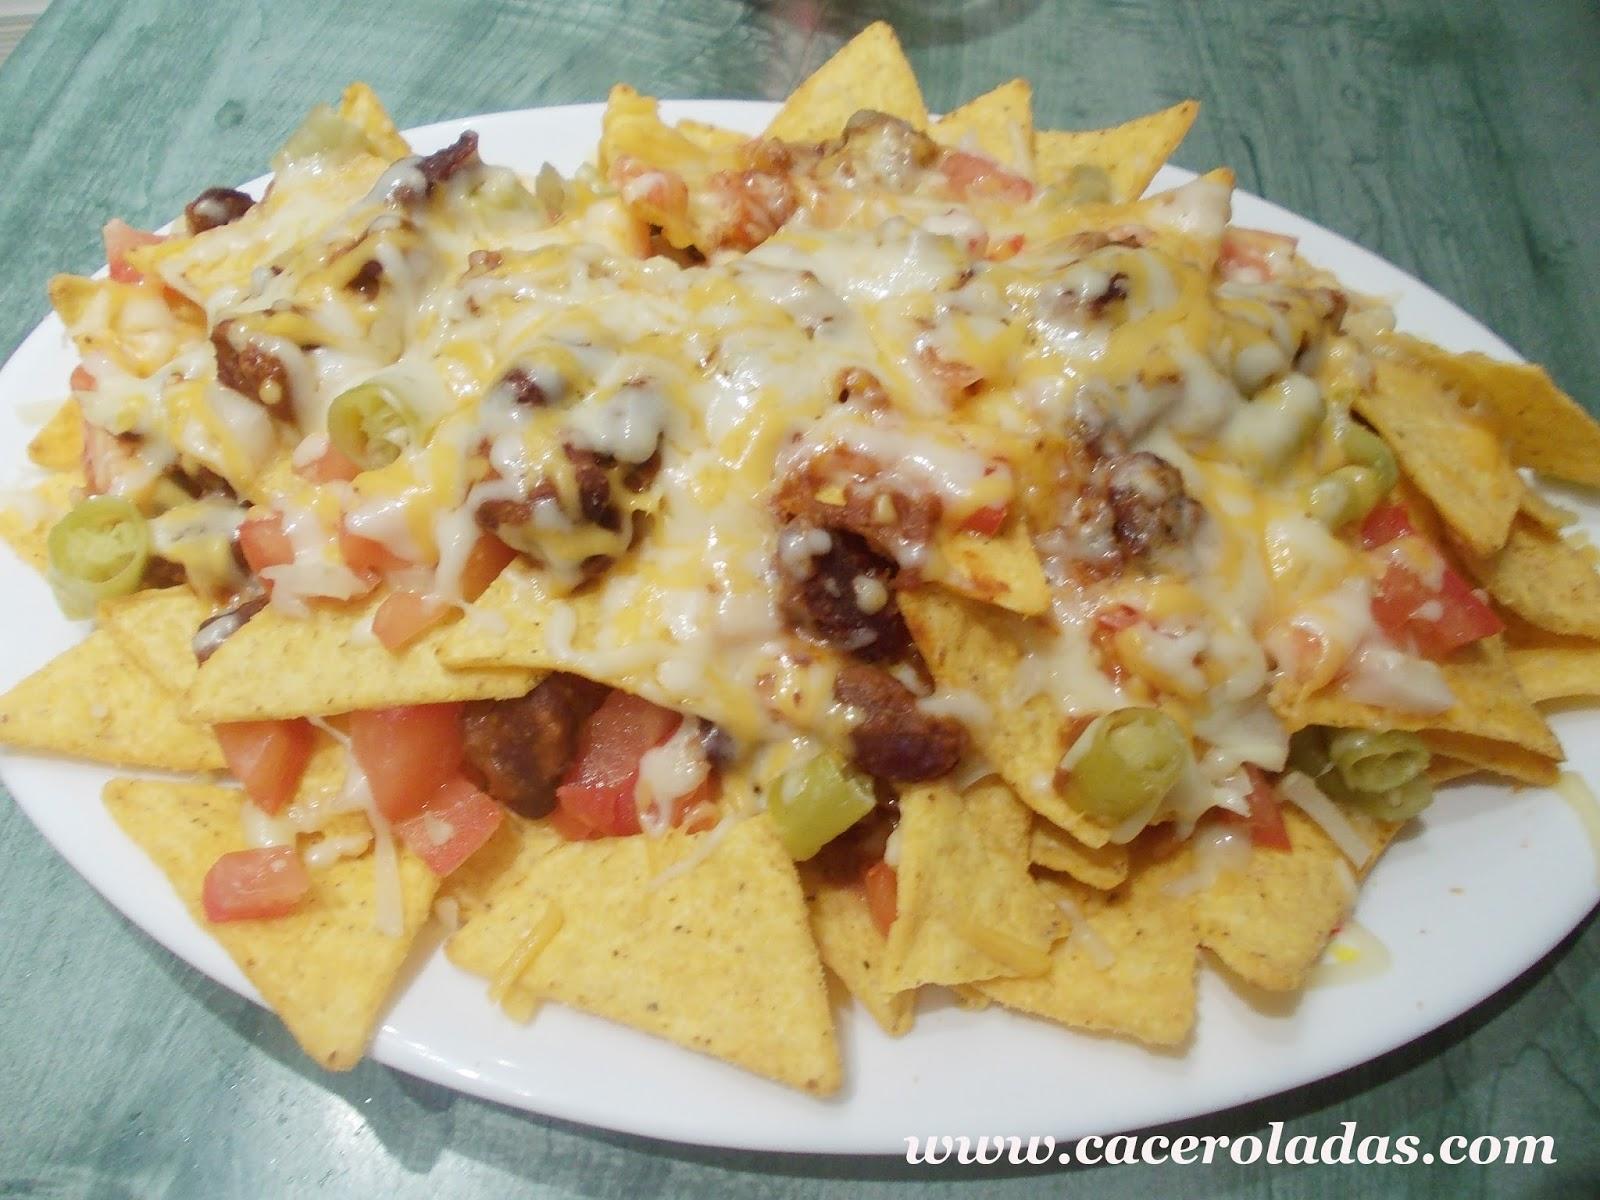 nachos con carne y queso caceroladas